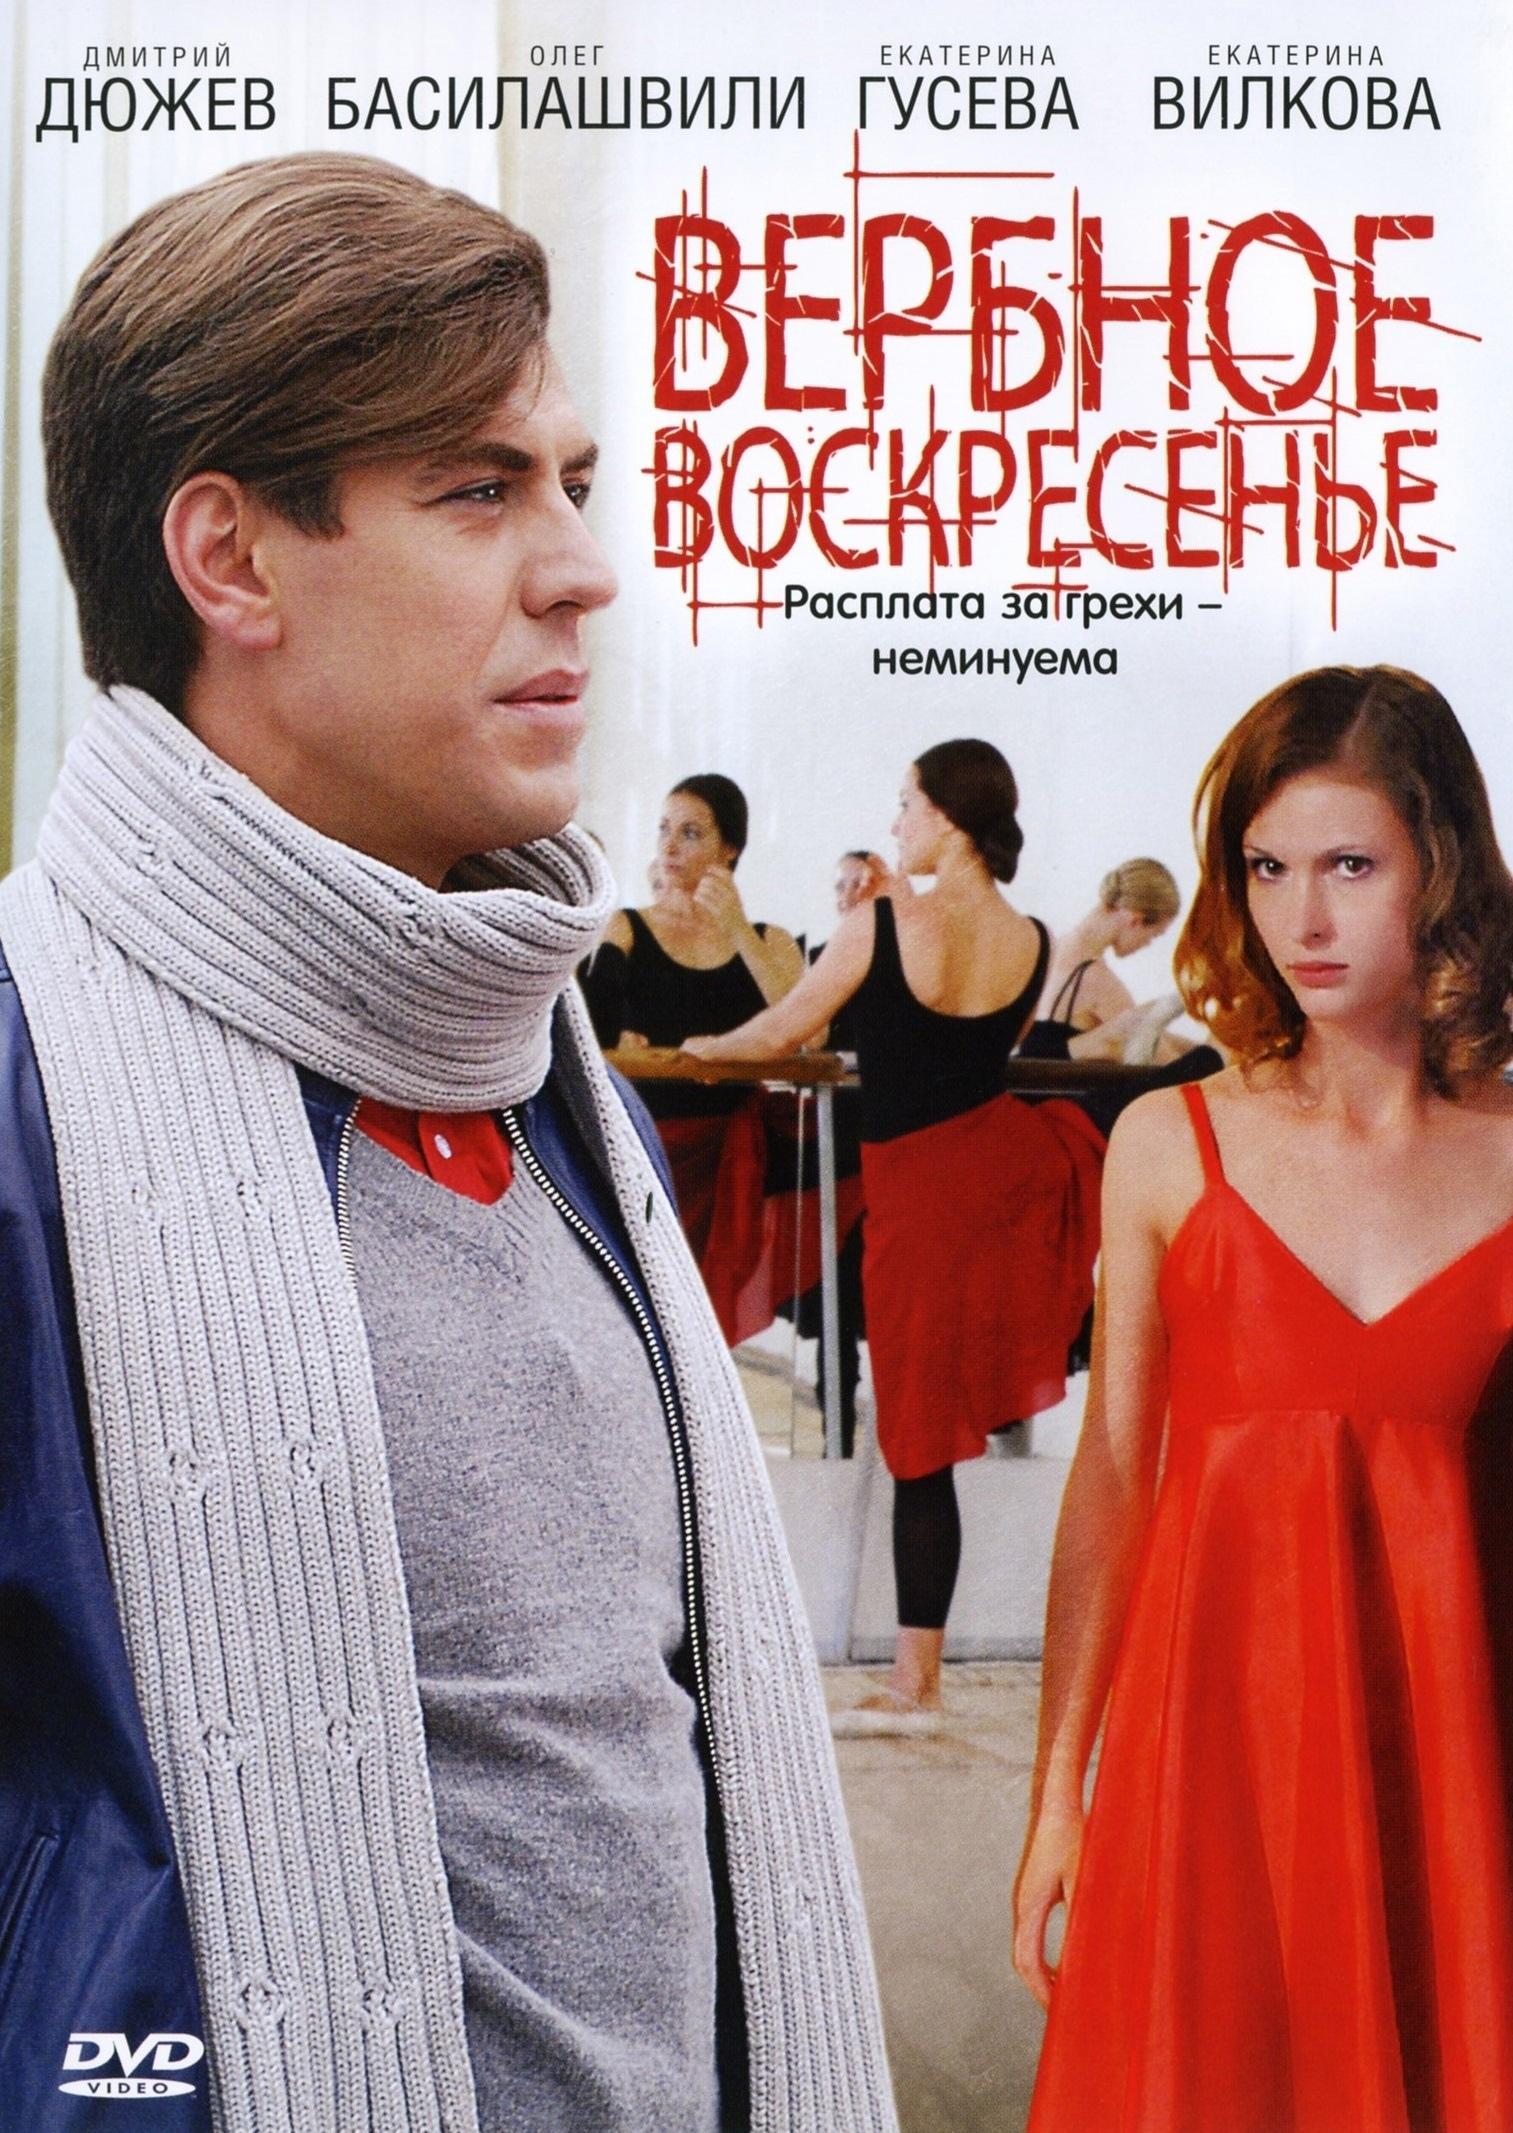 Драма «Bepбнoe вocкpeceньe» (2009) 1-8 серия из 8 HD